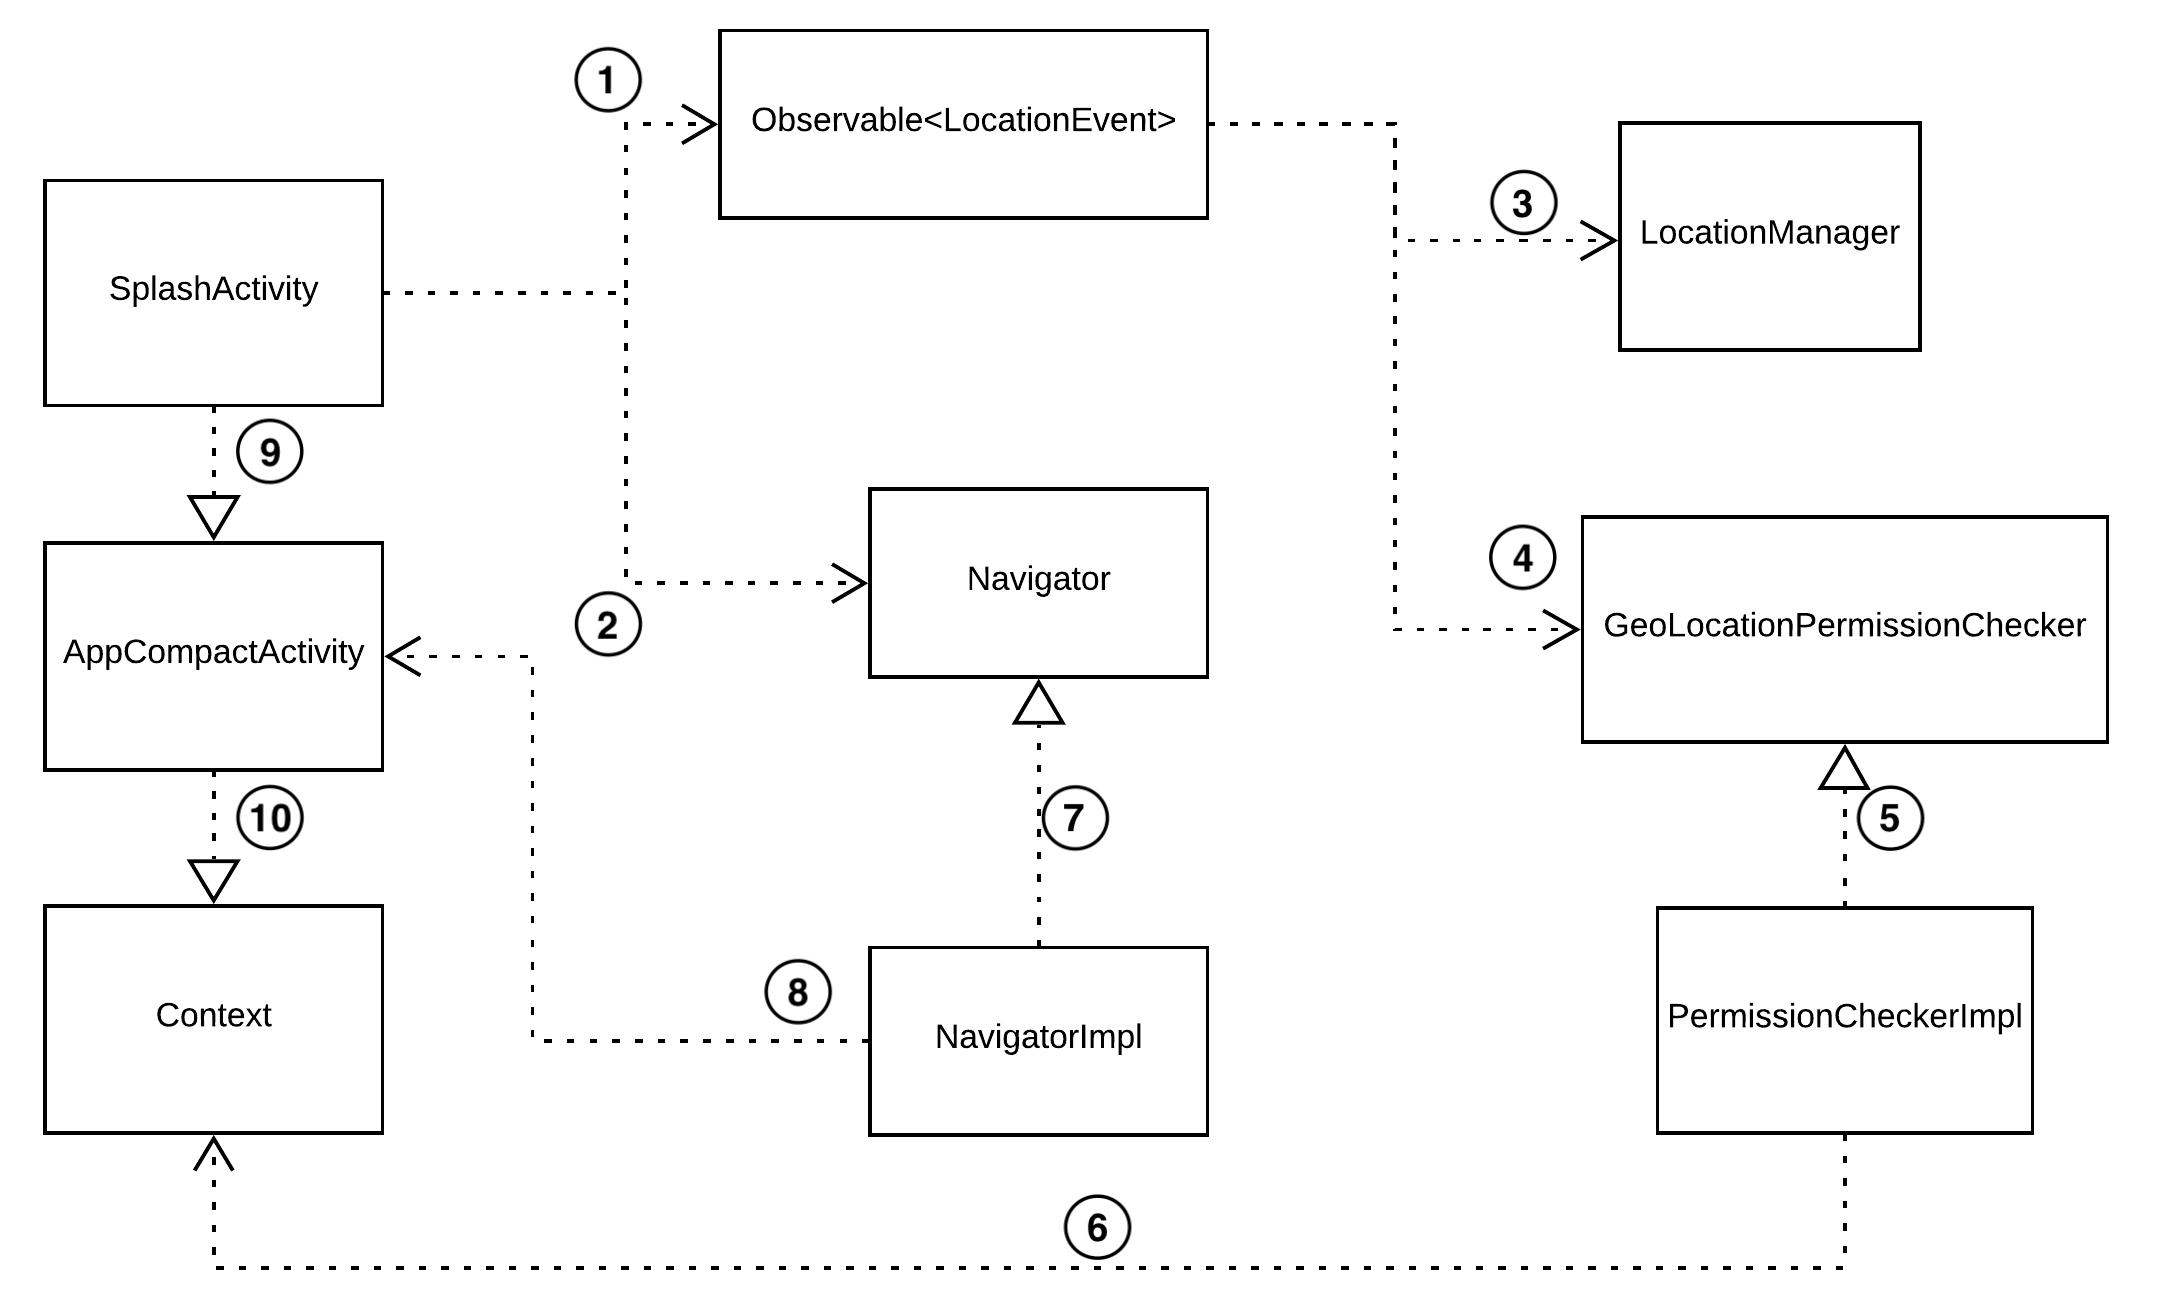 Figure 3.2 - SplashActivity dependency diagram